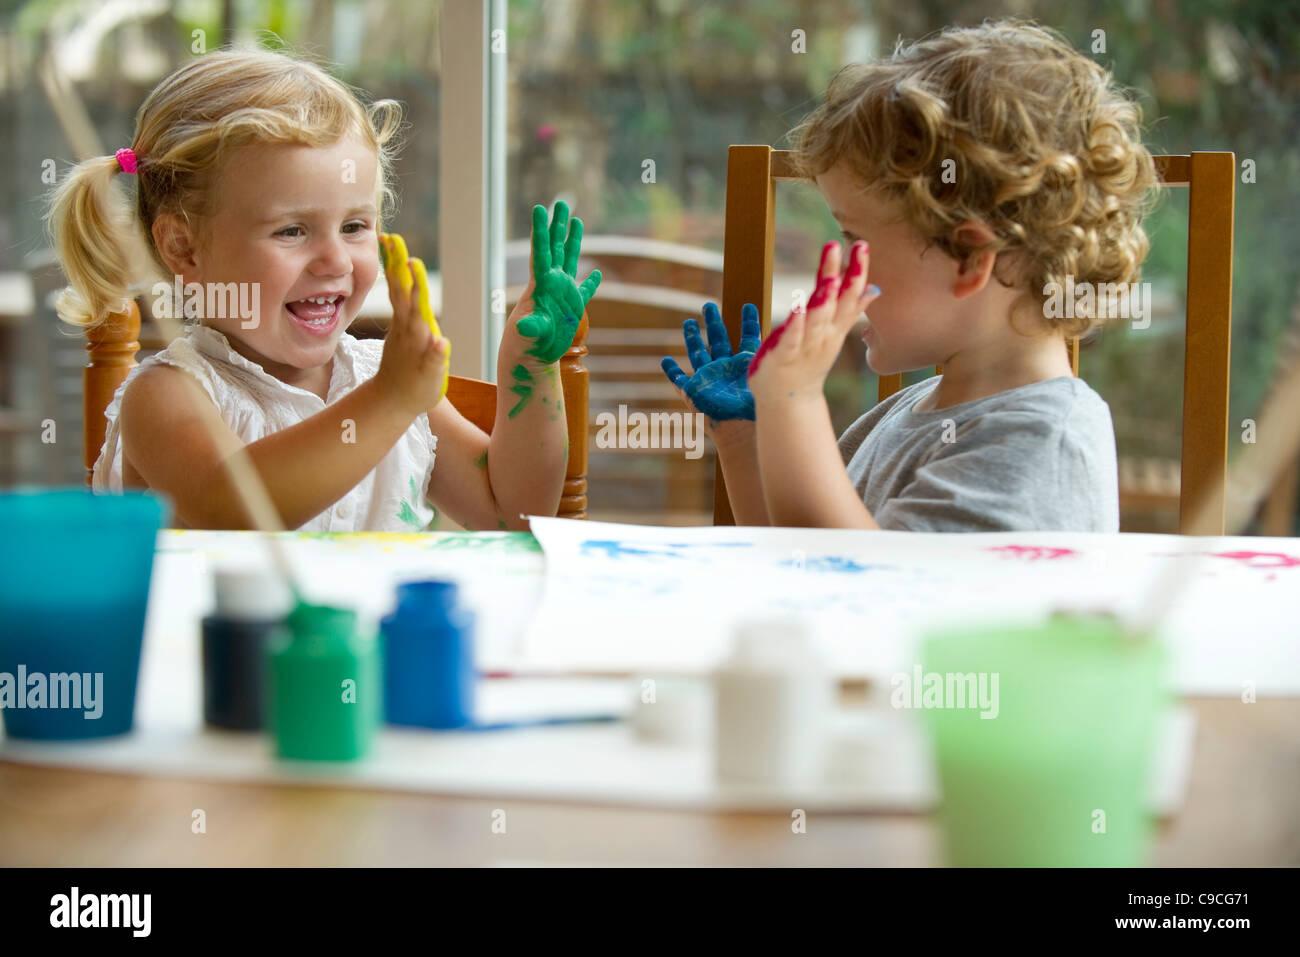 Kinder malen, Hände in Farbe bedeckt Stockfoto, Bild: 40228805 - Alamy